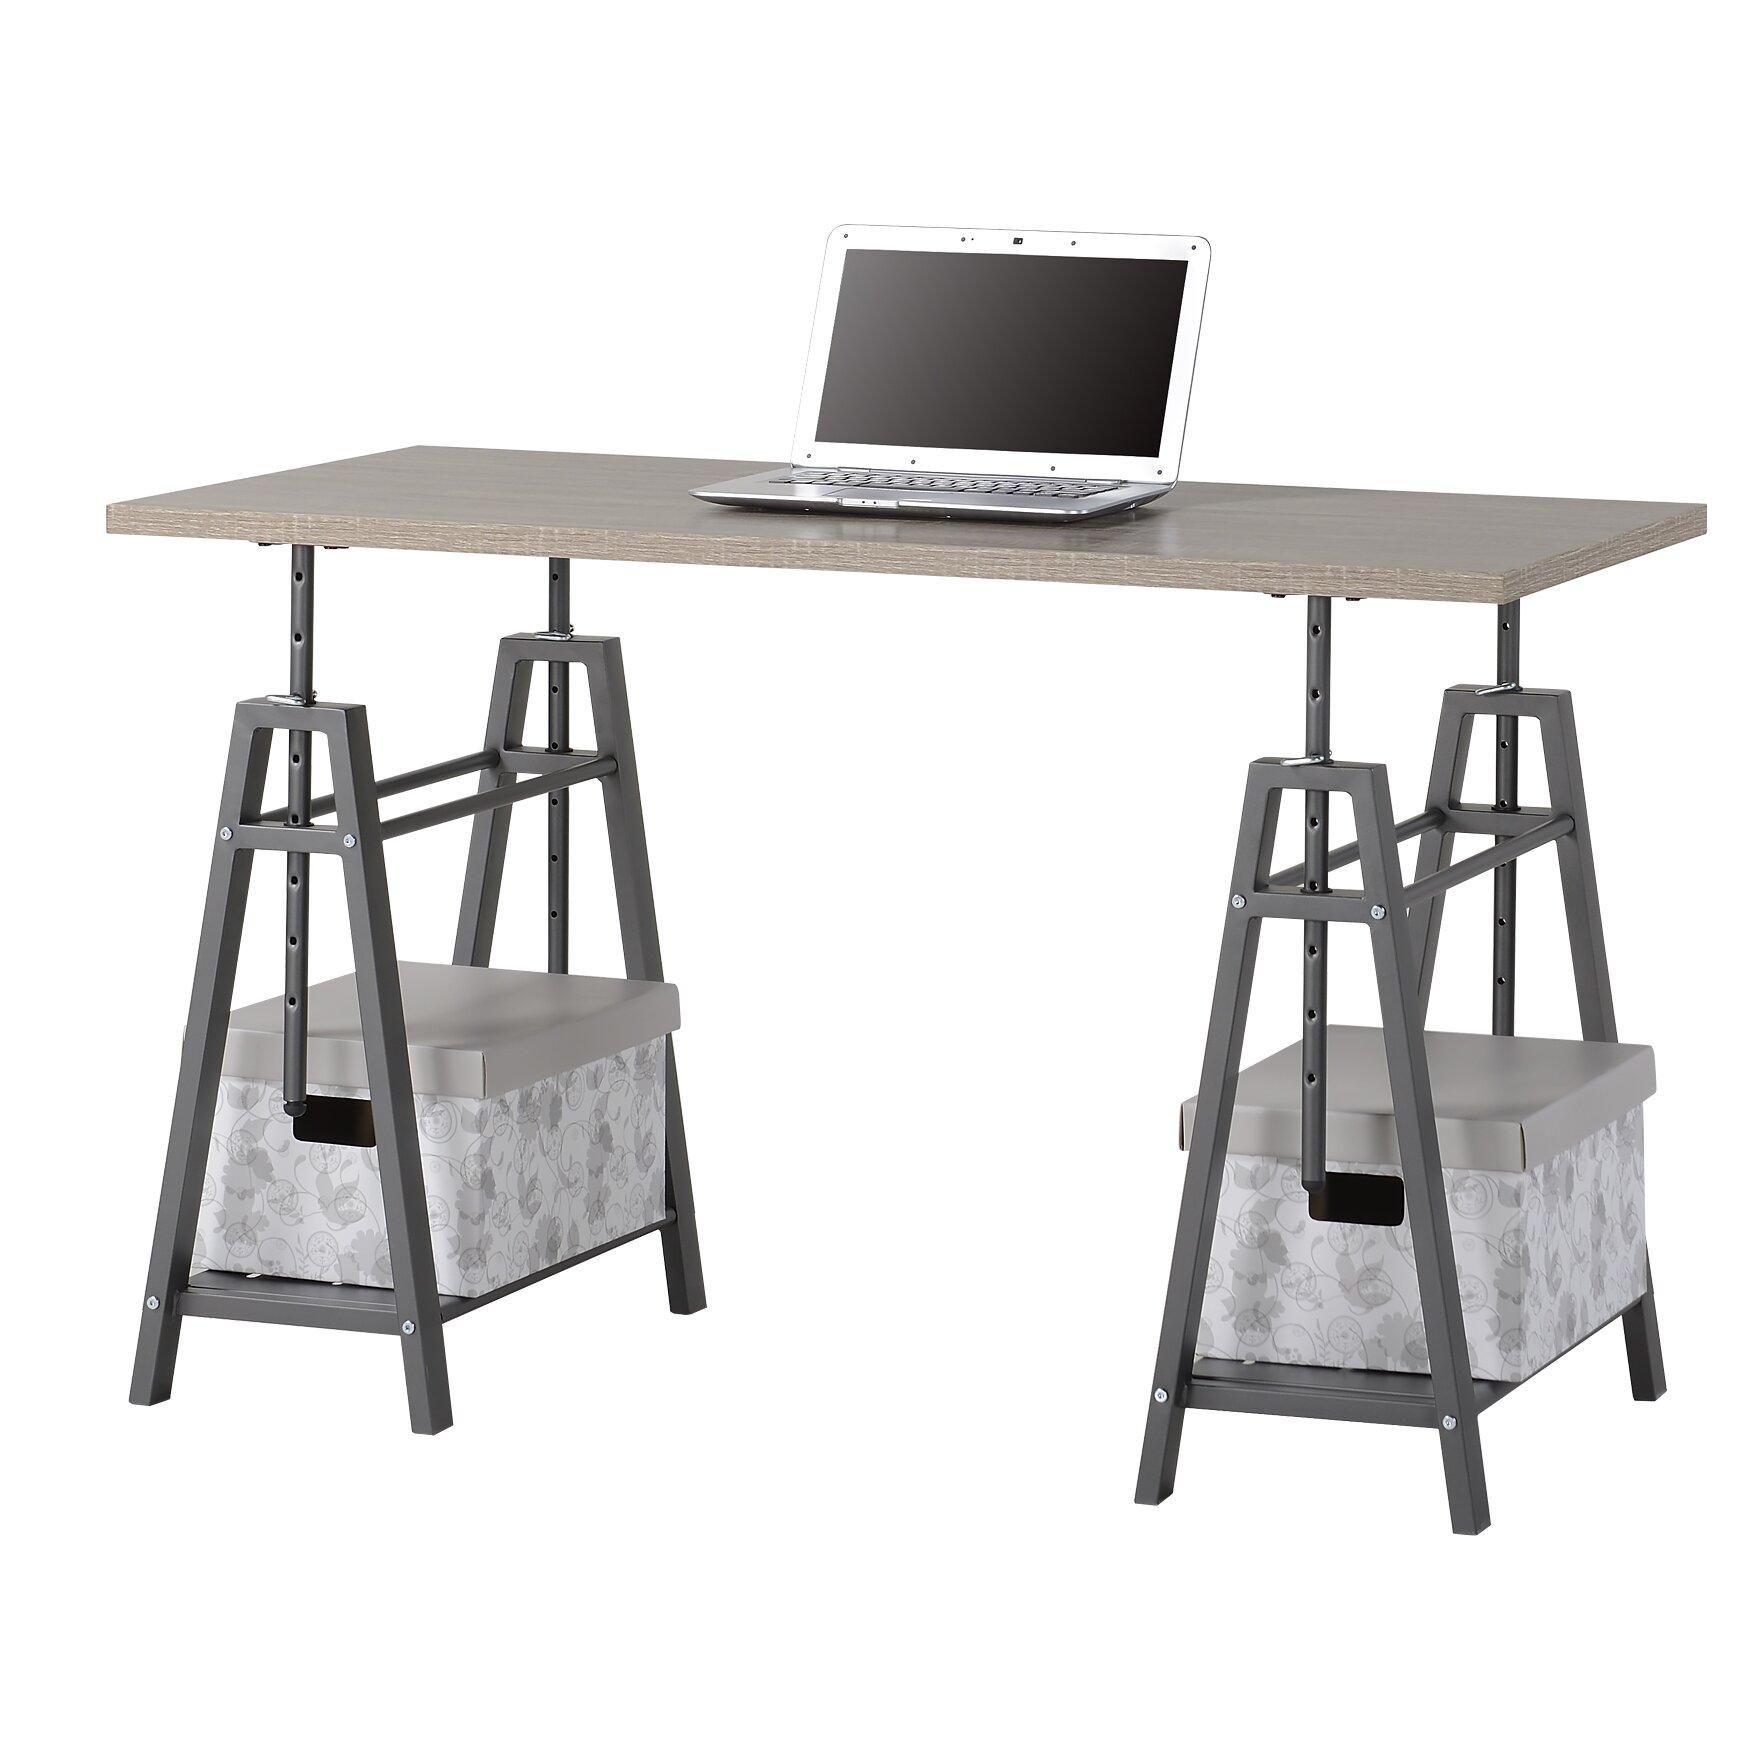 Homestar Height Adjustable Desk & Reviews